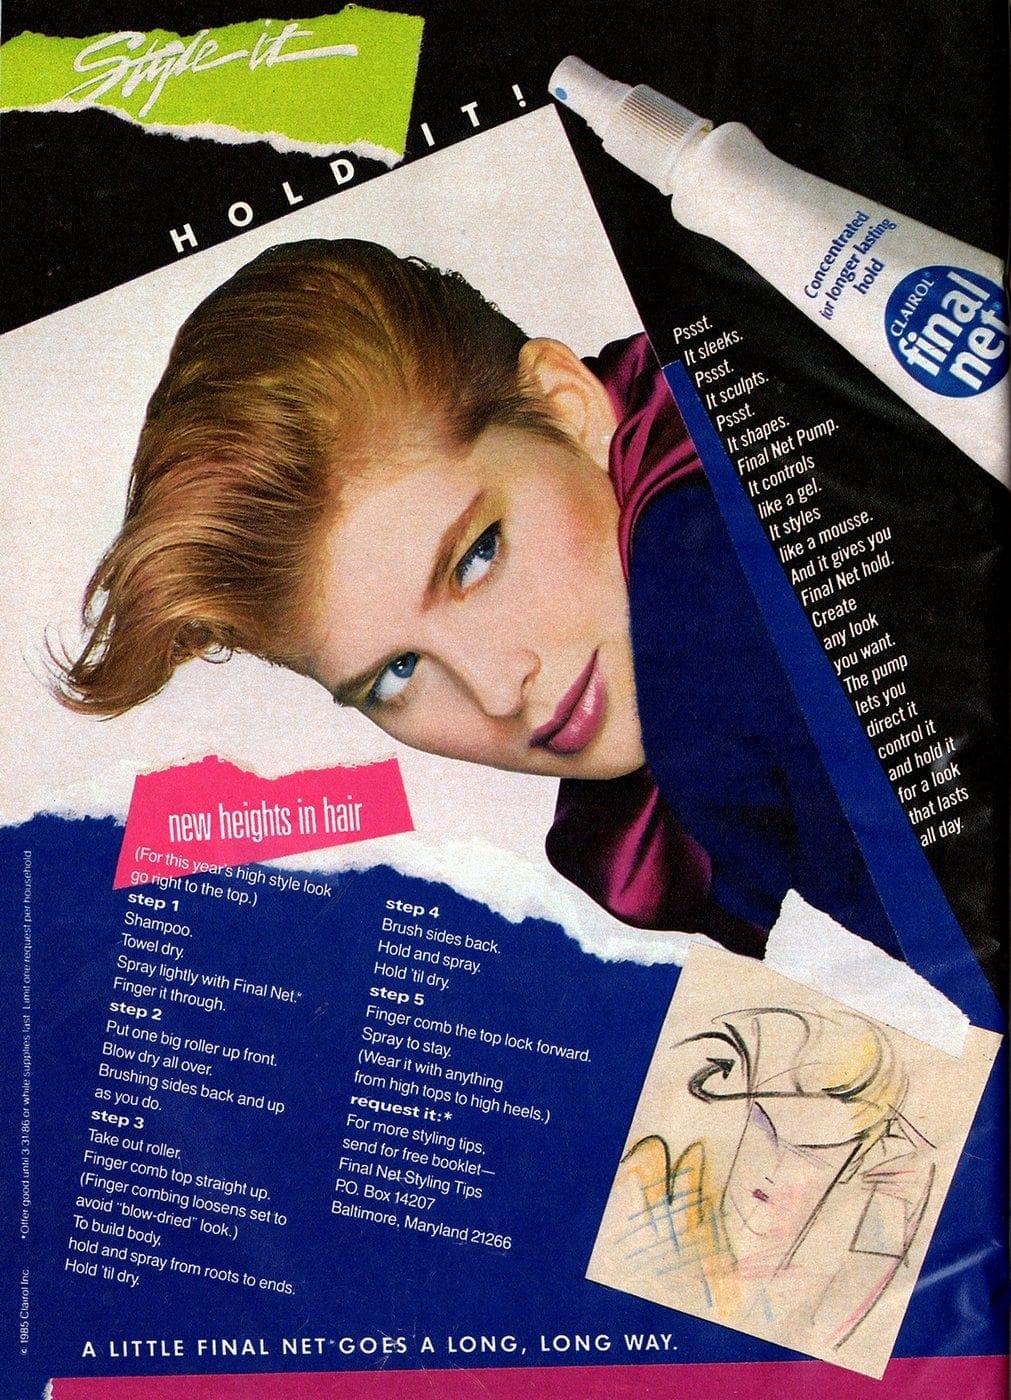 Vintage Final Net hairspray - August 1985